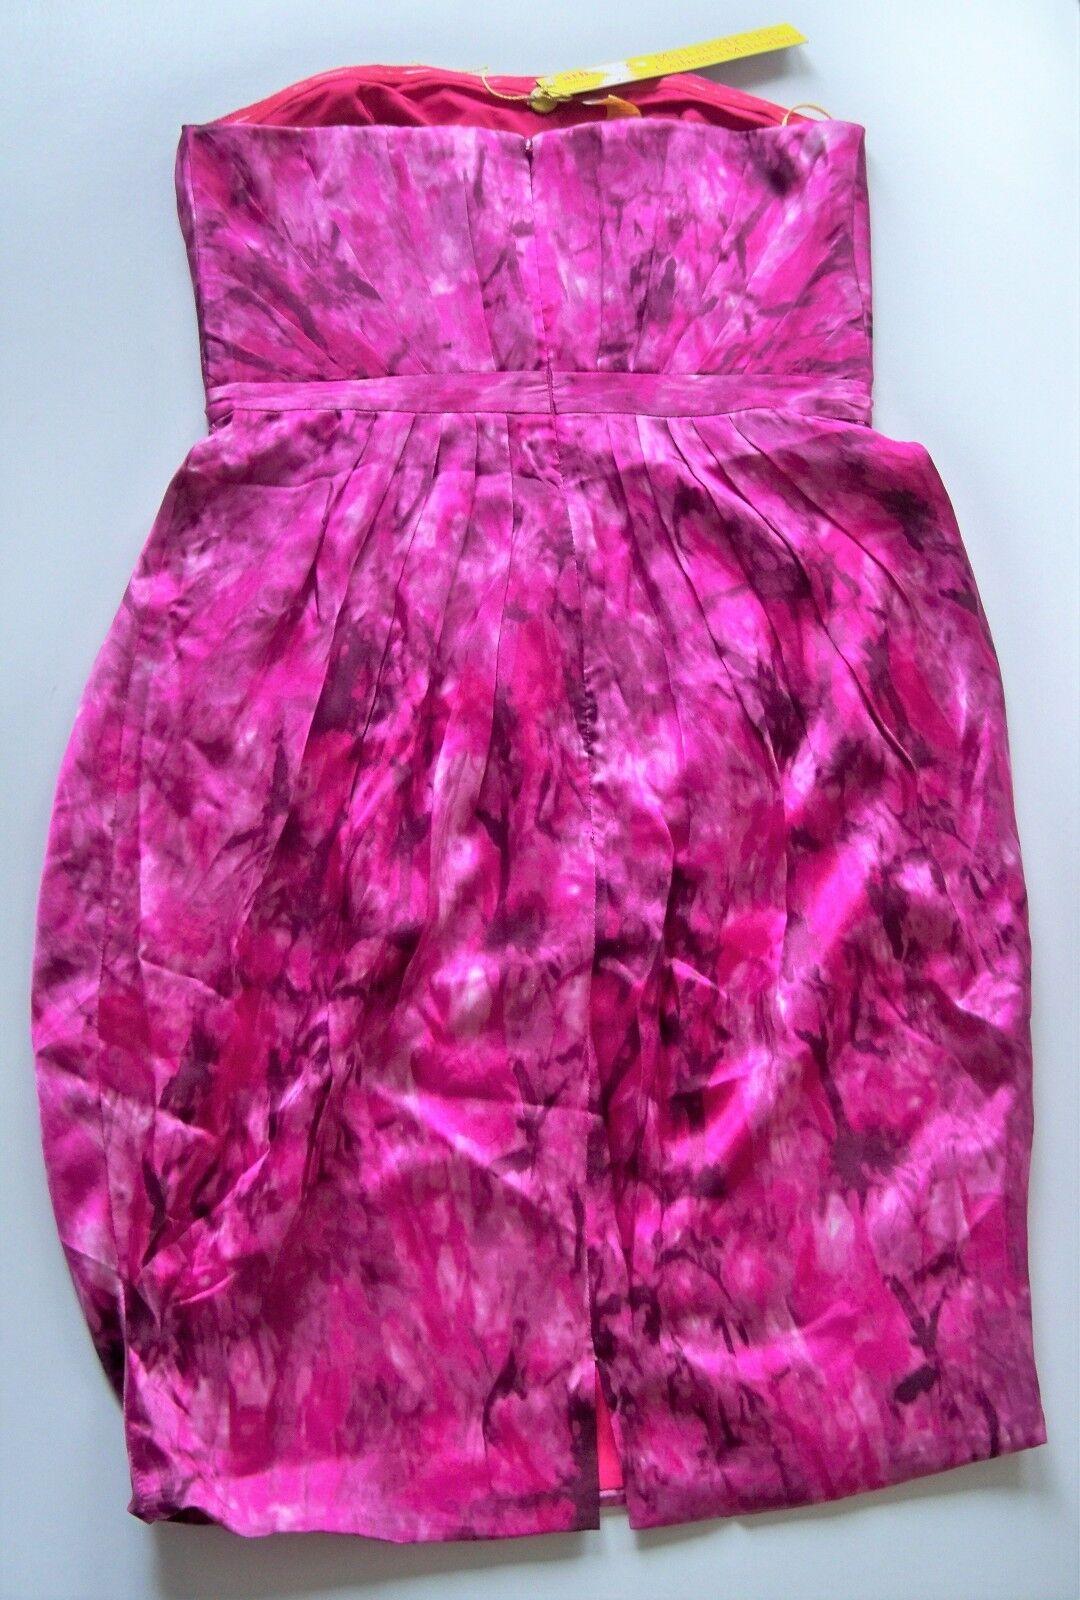 NWT-CATHERINE MALANDRINO PINK FUCHSIA MARBLE SILK PLEAT STRAPLESS STRAPLESS STRAPLESS DRESS  MSP 615 e2240f